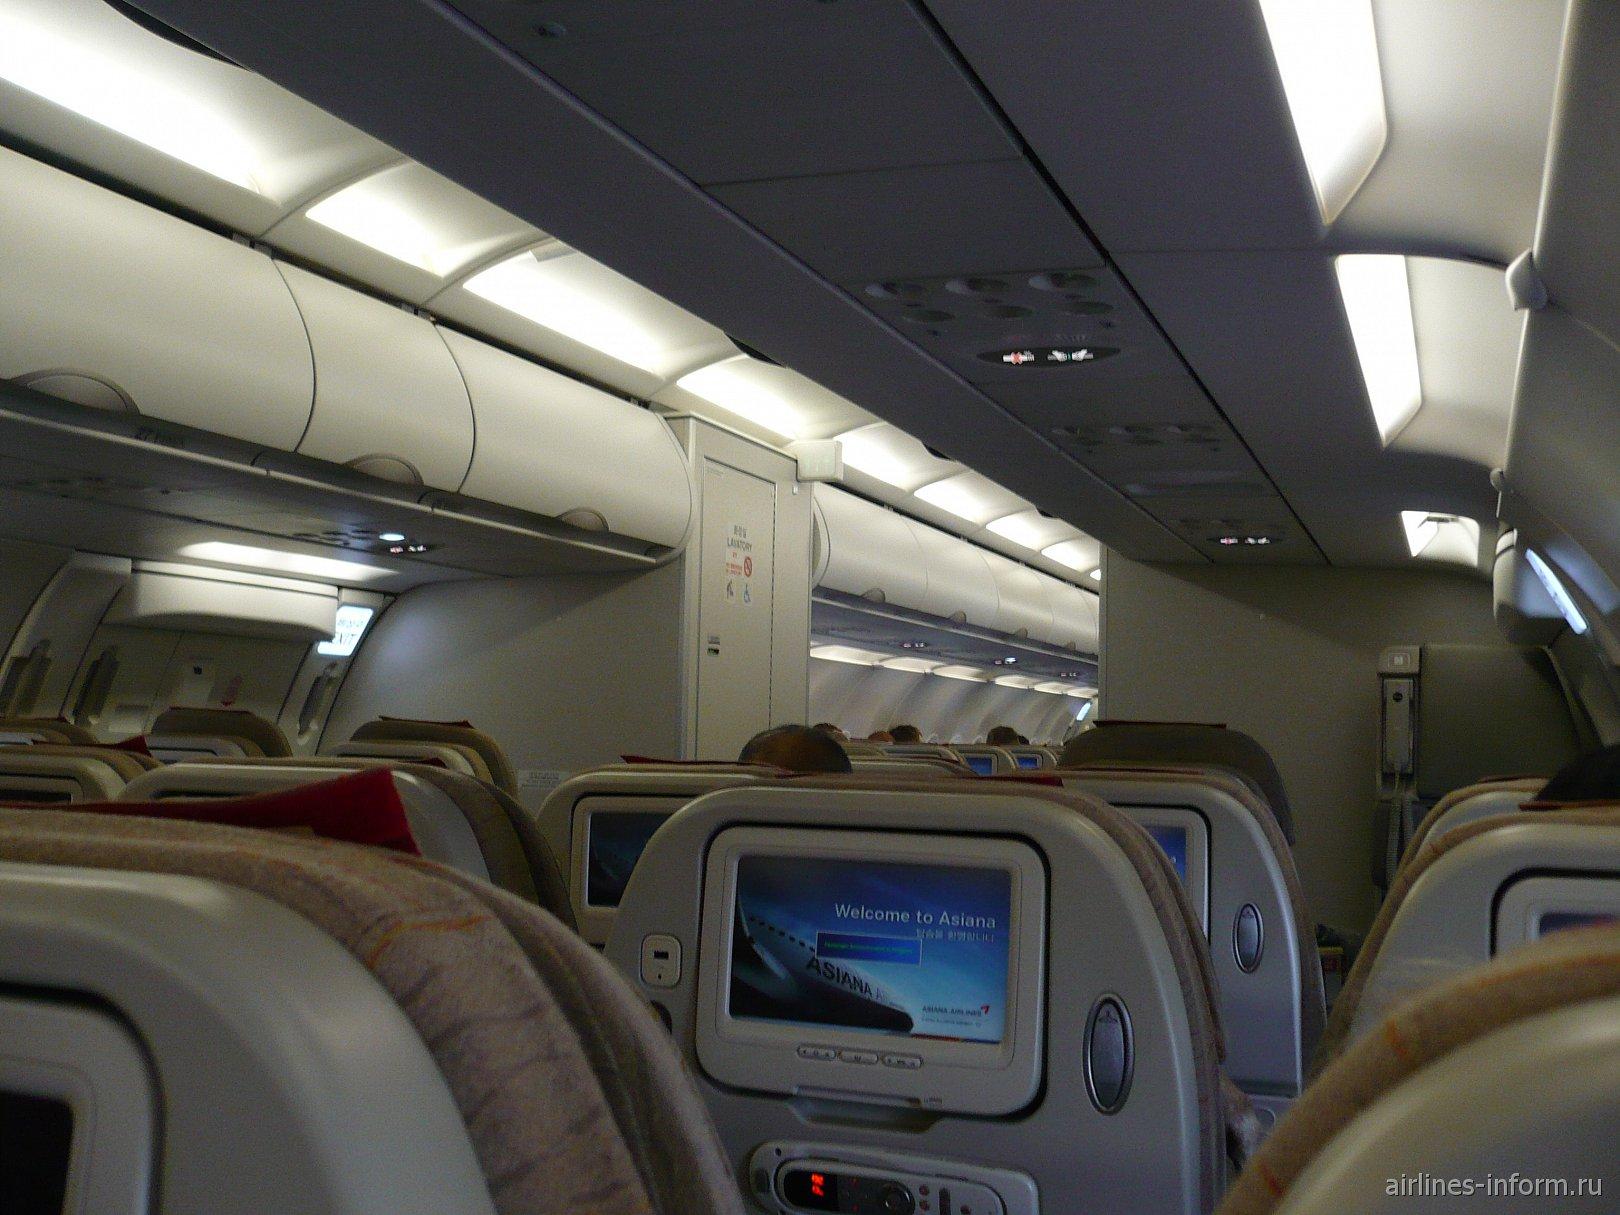 Народу на данный рейс было немного. В общей сложности, самолет был заполнен приблизительно на 2\3. Чистый свежий самолет, стюардессы, блин, ну все, как на подбор, красотульки! Видя, как они работают, сразу настроение поднимается! Не то, что в нашей